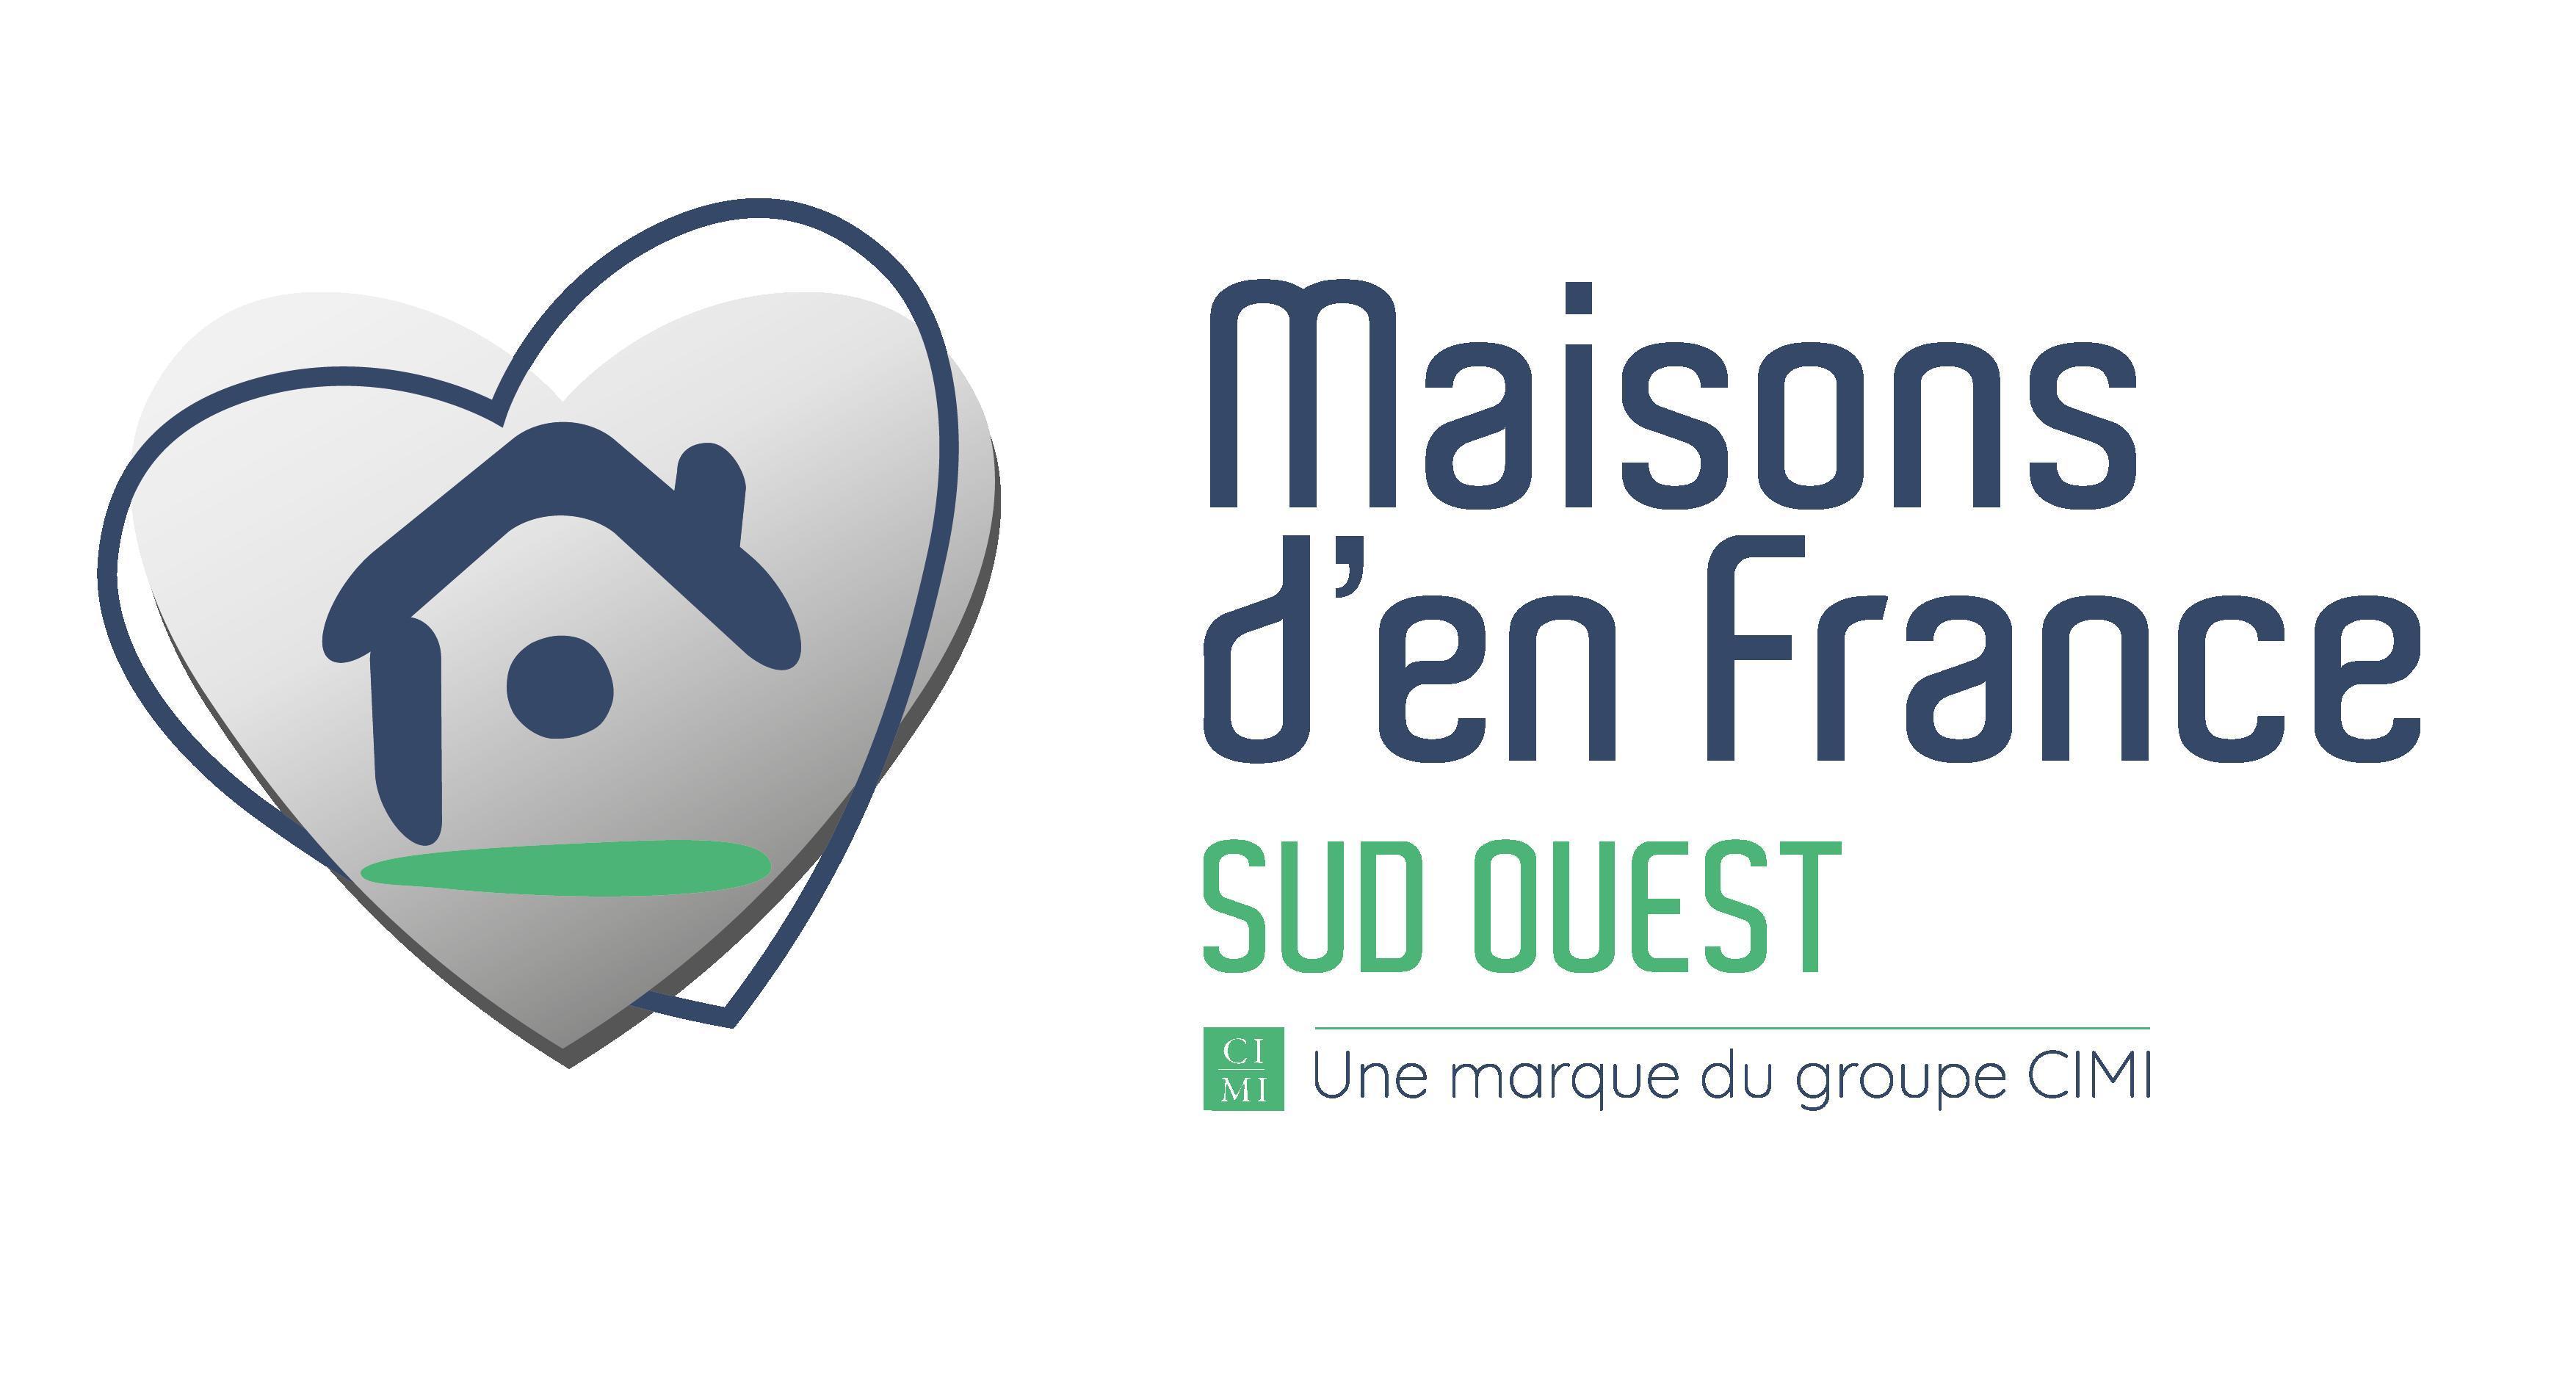 Maisons d'en france sud ouest Castets agence immobilière Castets (40260)